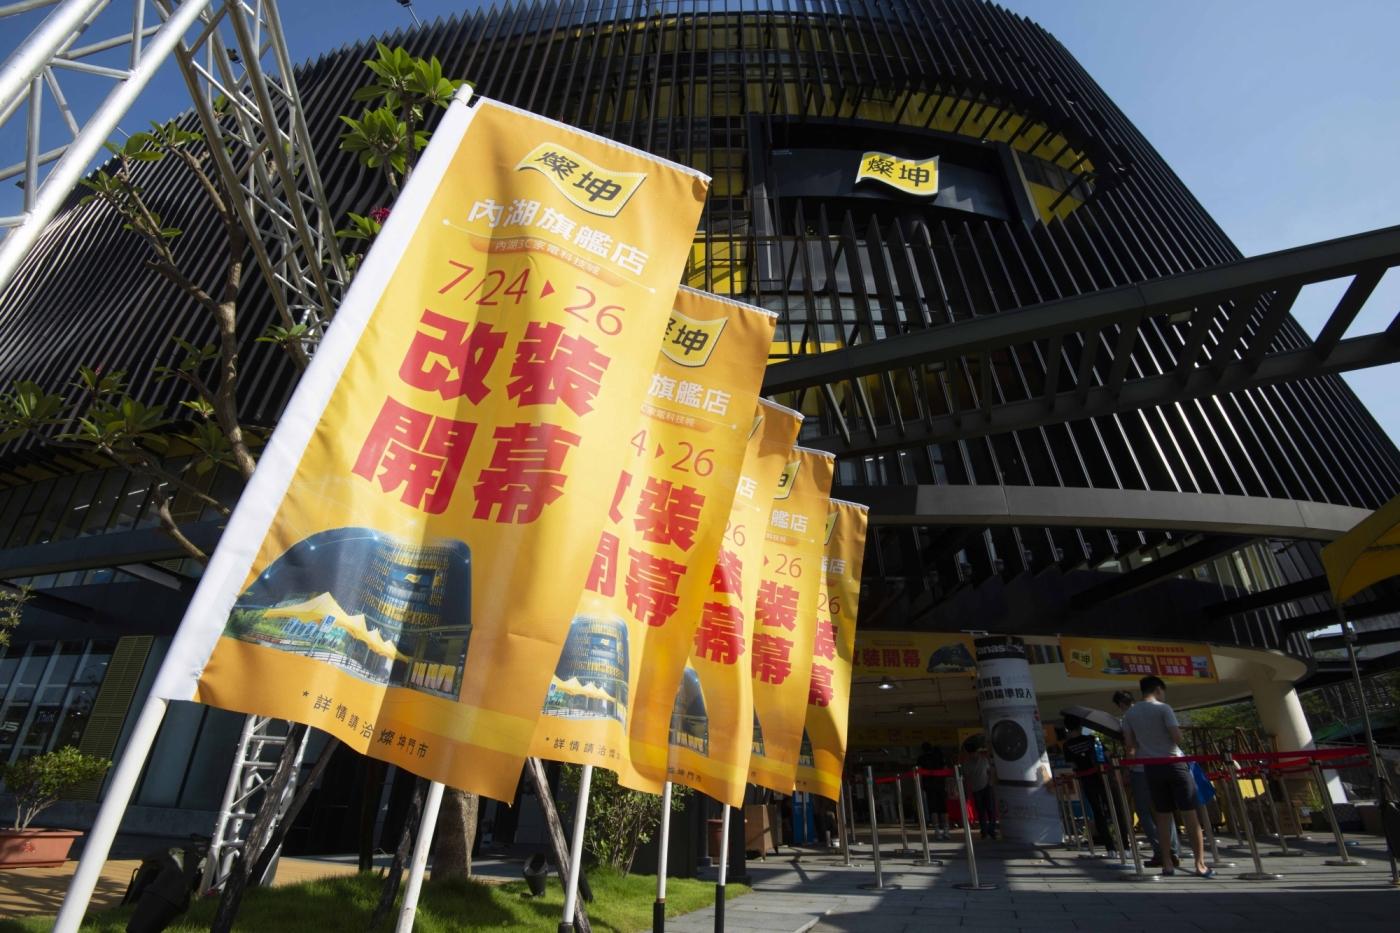 把5G智慧家電搬進店裡!燦坤內湖旗艦店改裝開幕,領頭推動4大變革